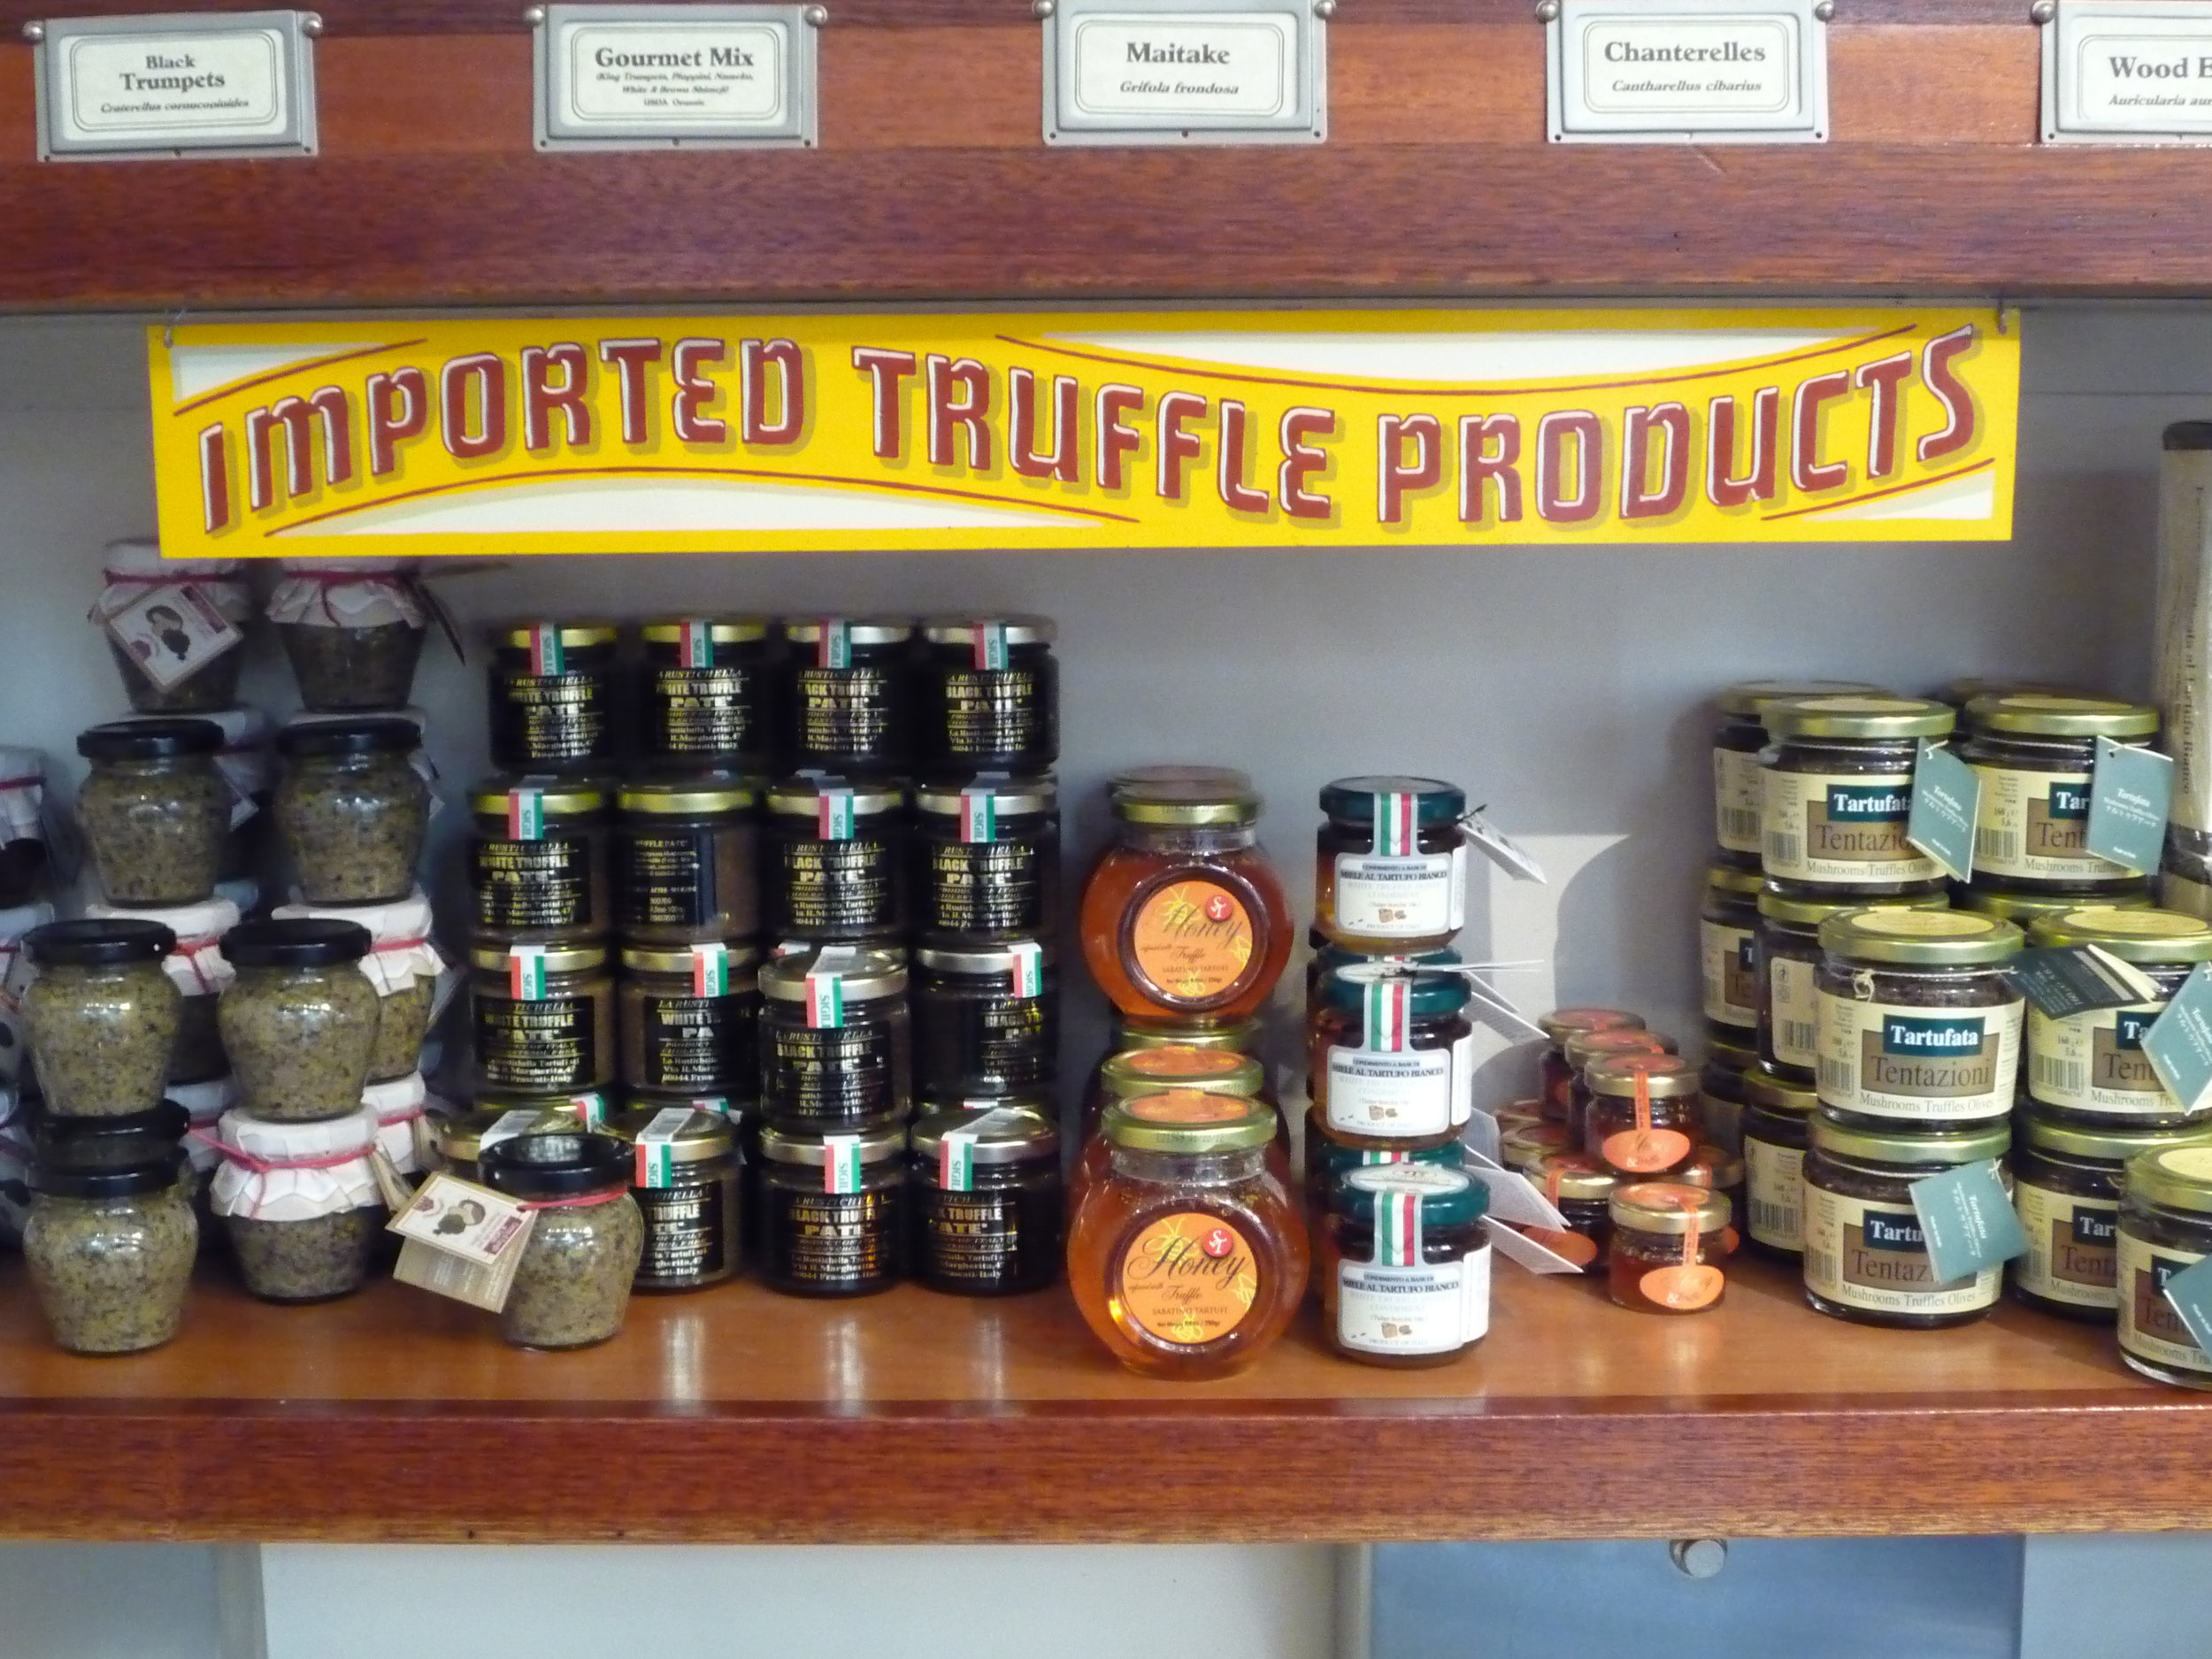 ORIG-far-west-fungi-truffle-products-shelf-sign_4323724722_o.jpg